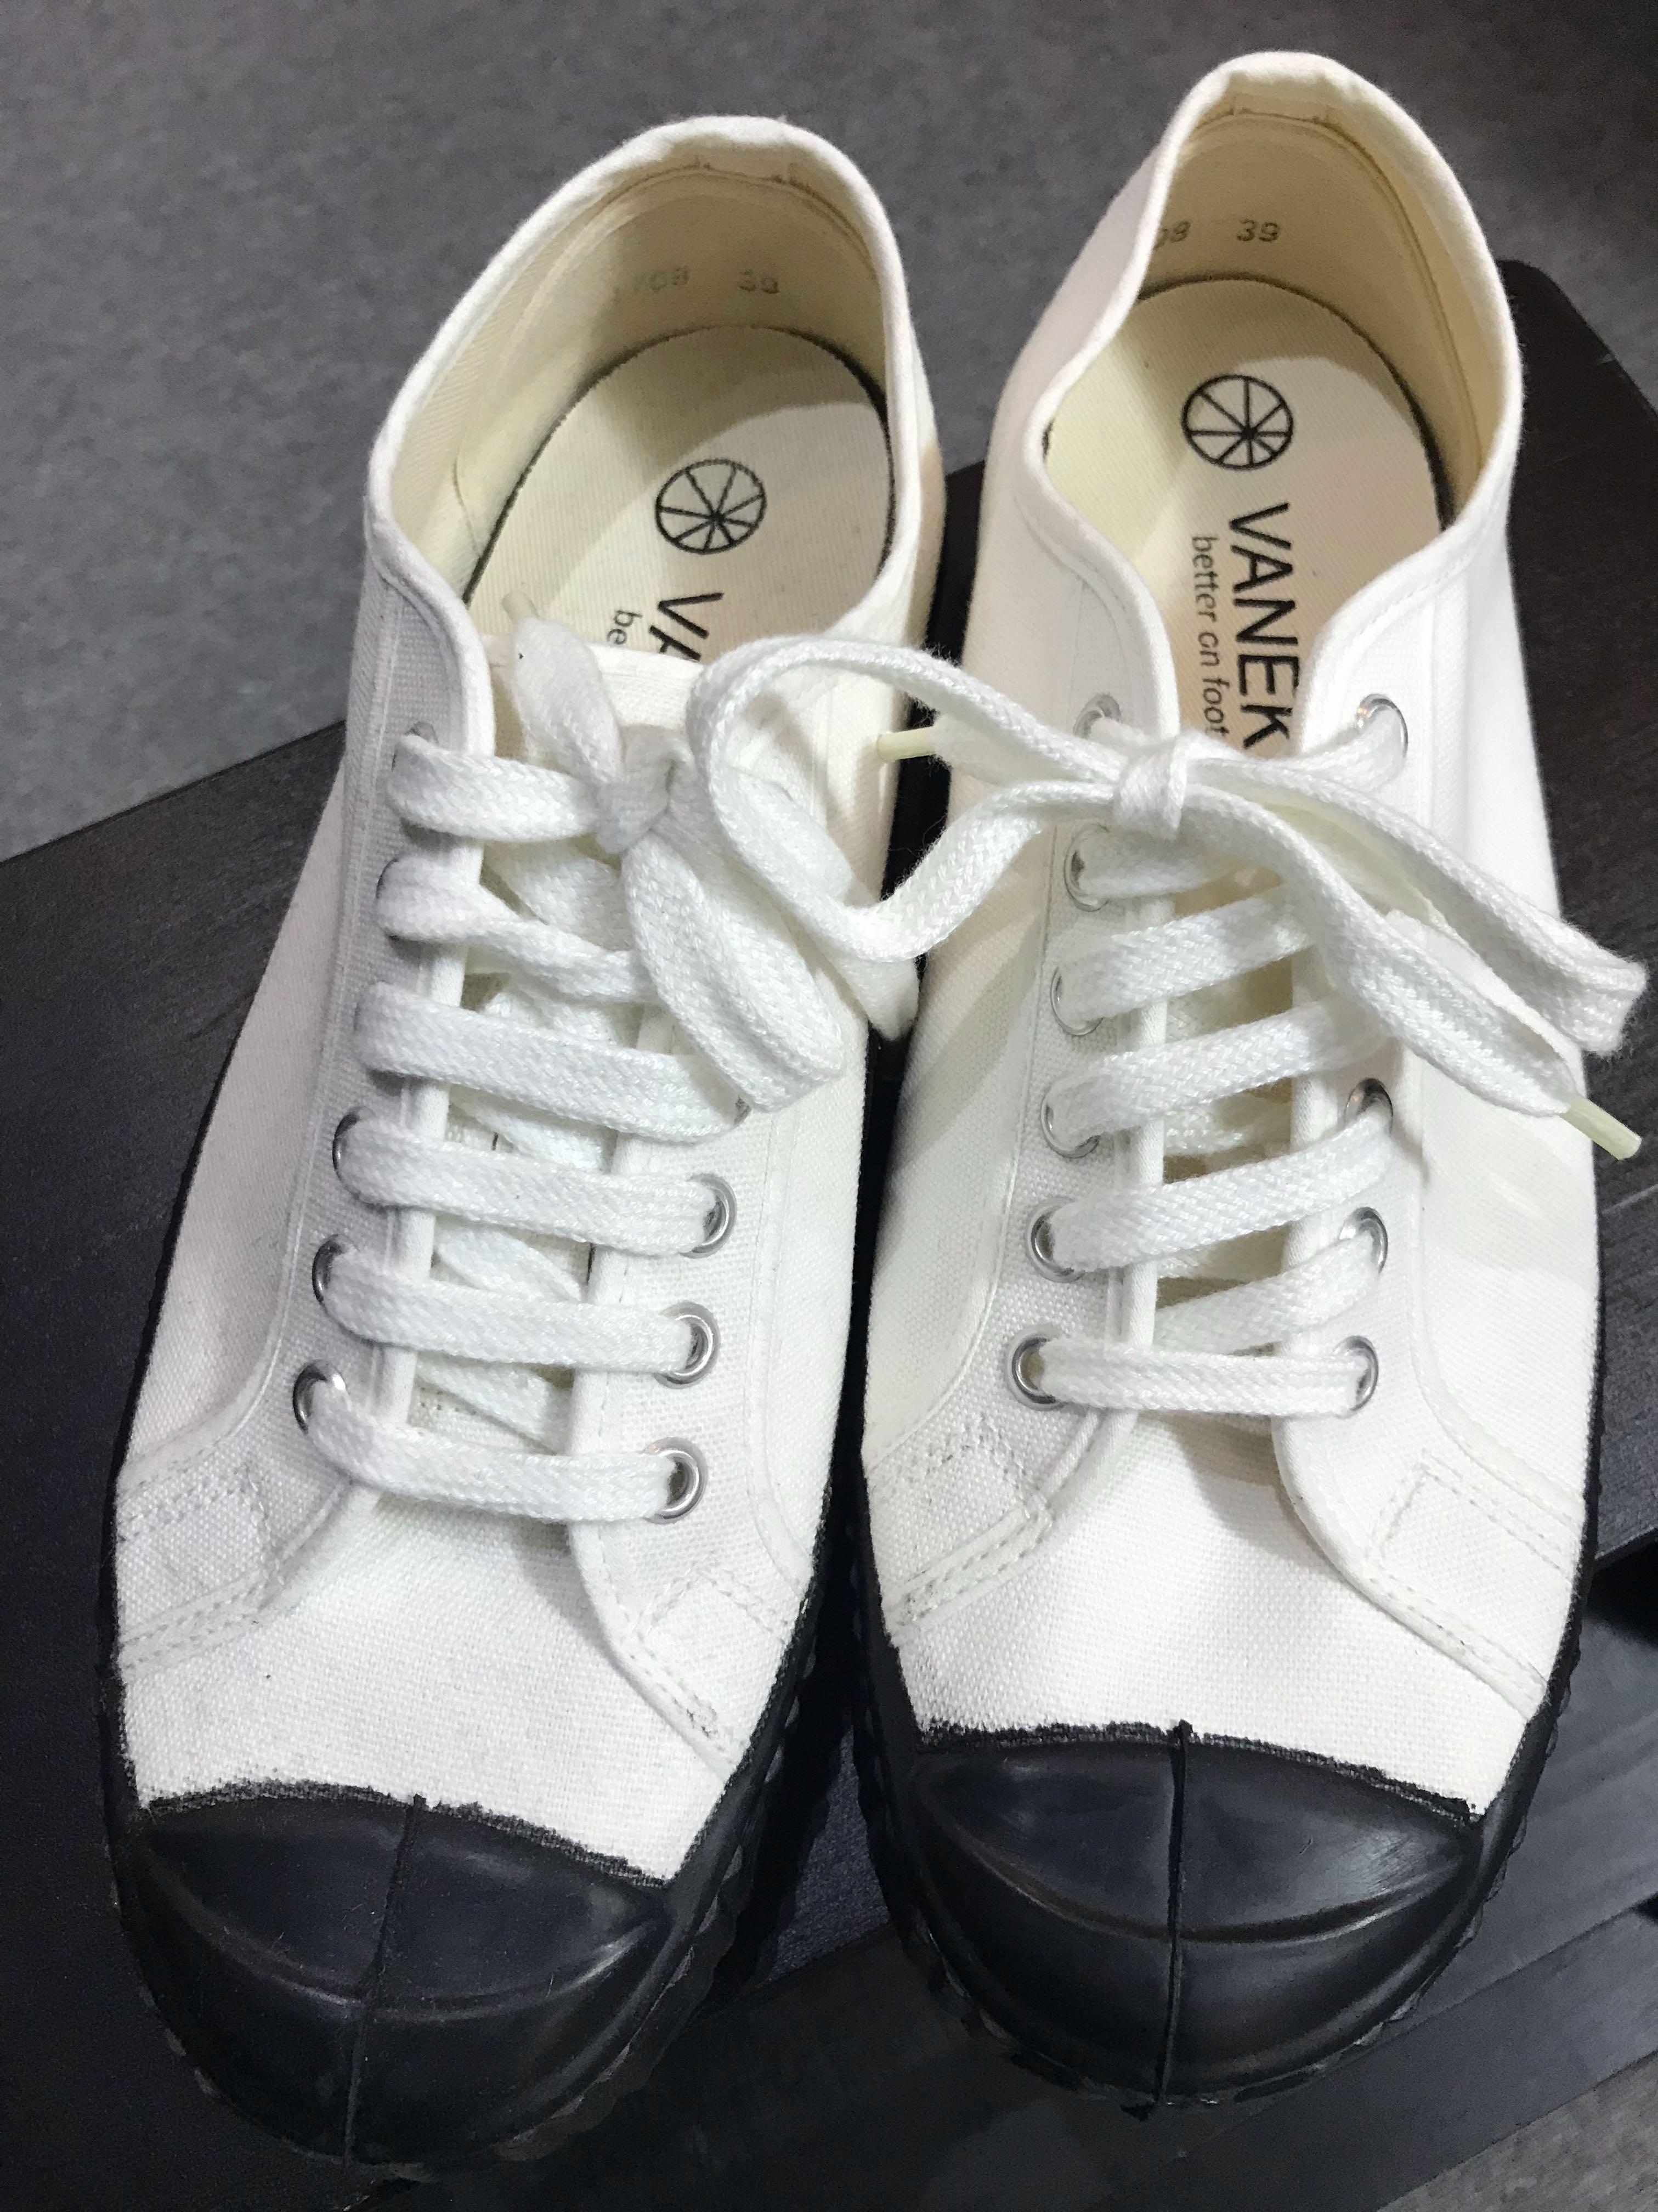 捷克製vanek軍用布鞋 size 37 size 39 size 40